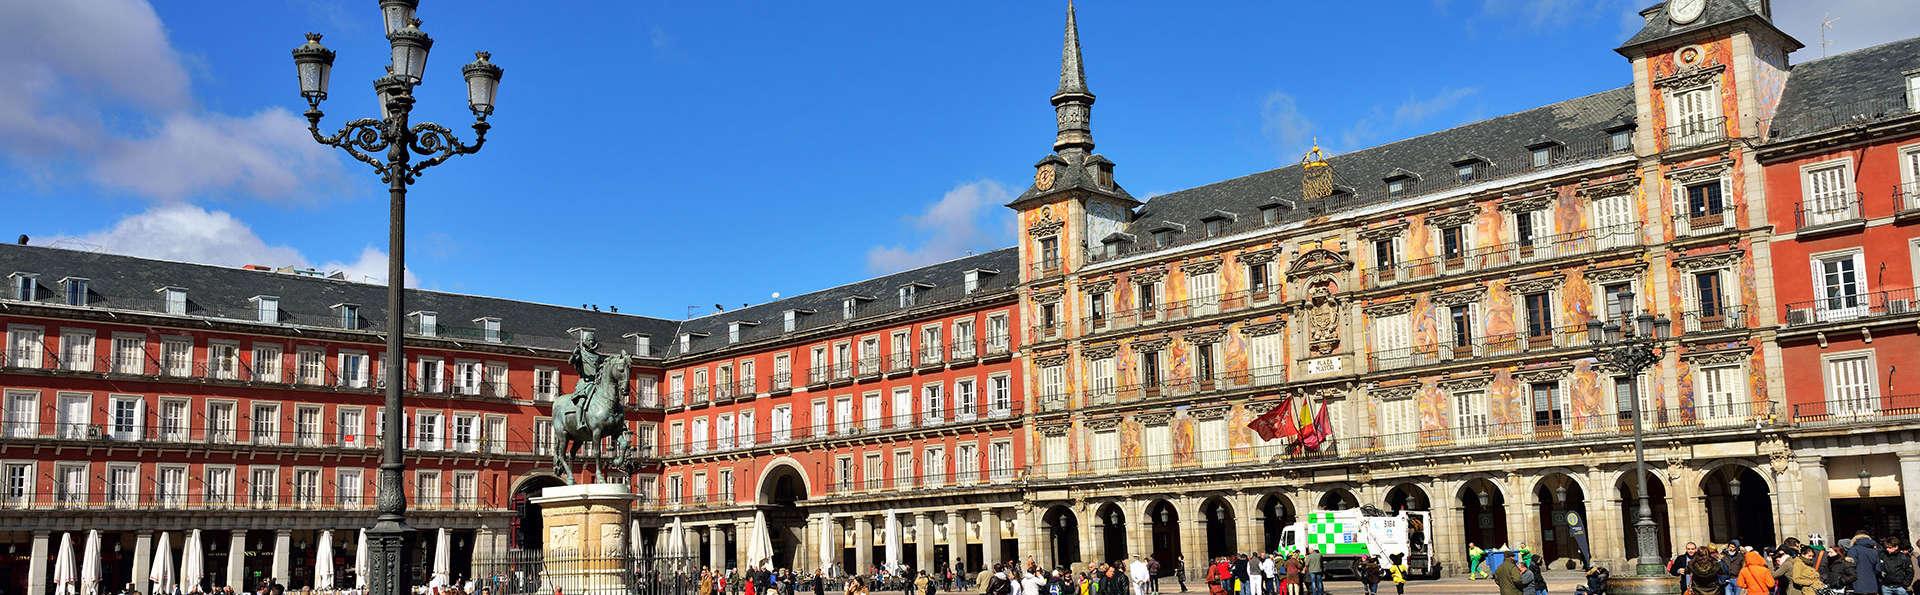 Trip met zijn tweeën met diner naar keuze in meer dan 200 restaurants in Madrid